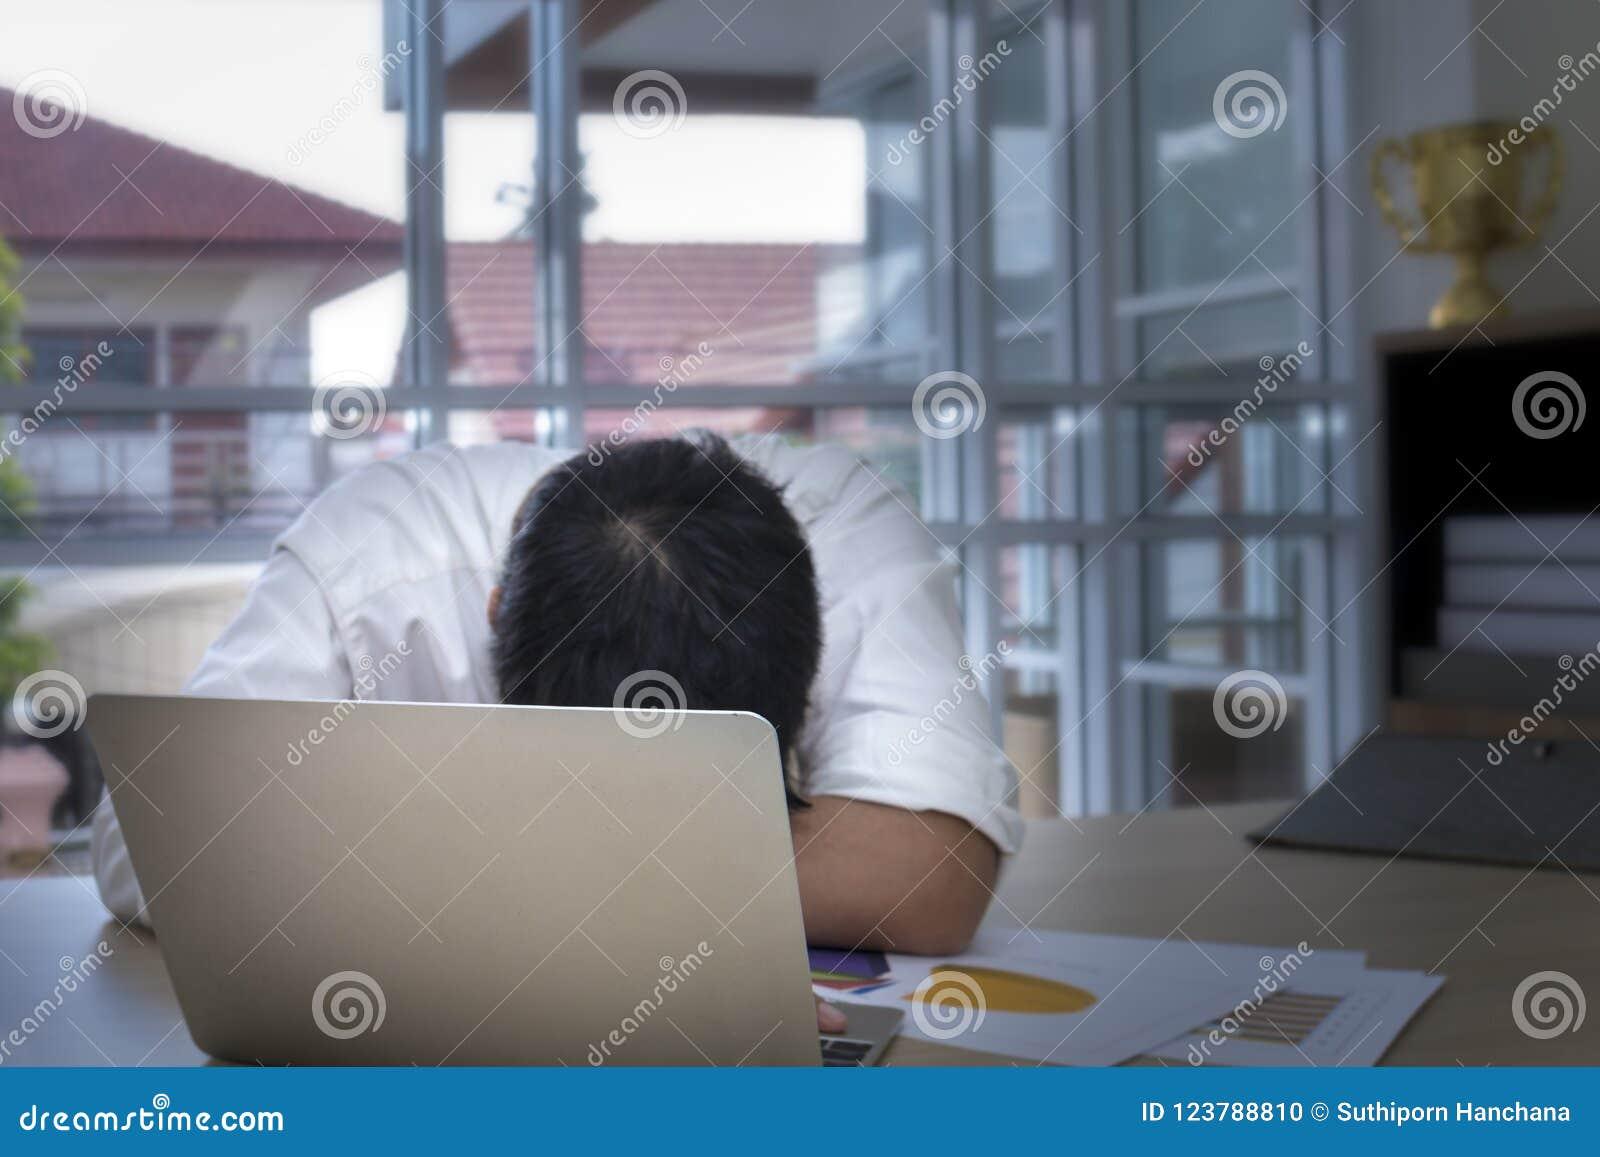 Hombre de negocios joven que duerme y trabajado demasiado cerca del ordenador portátil en la oficina